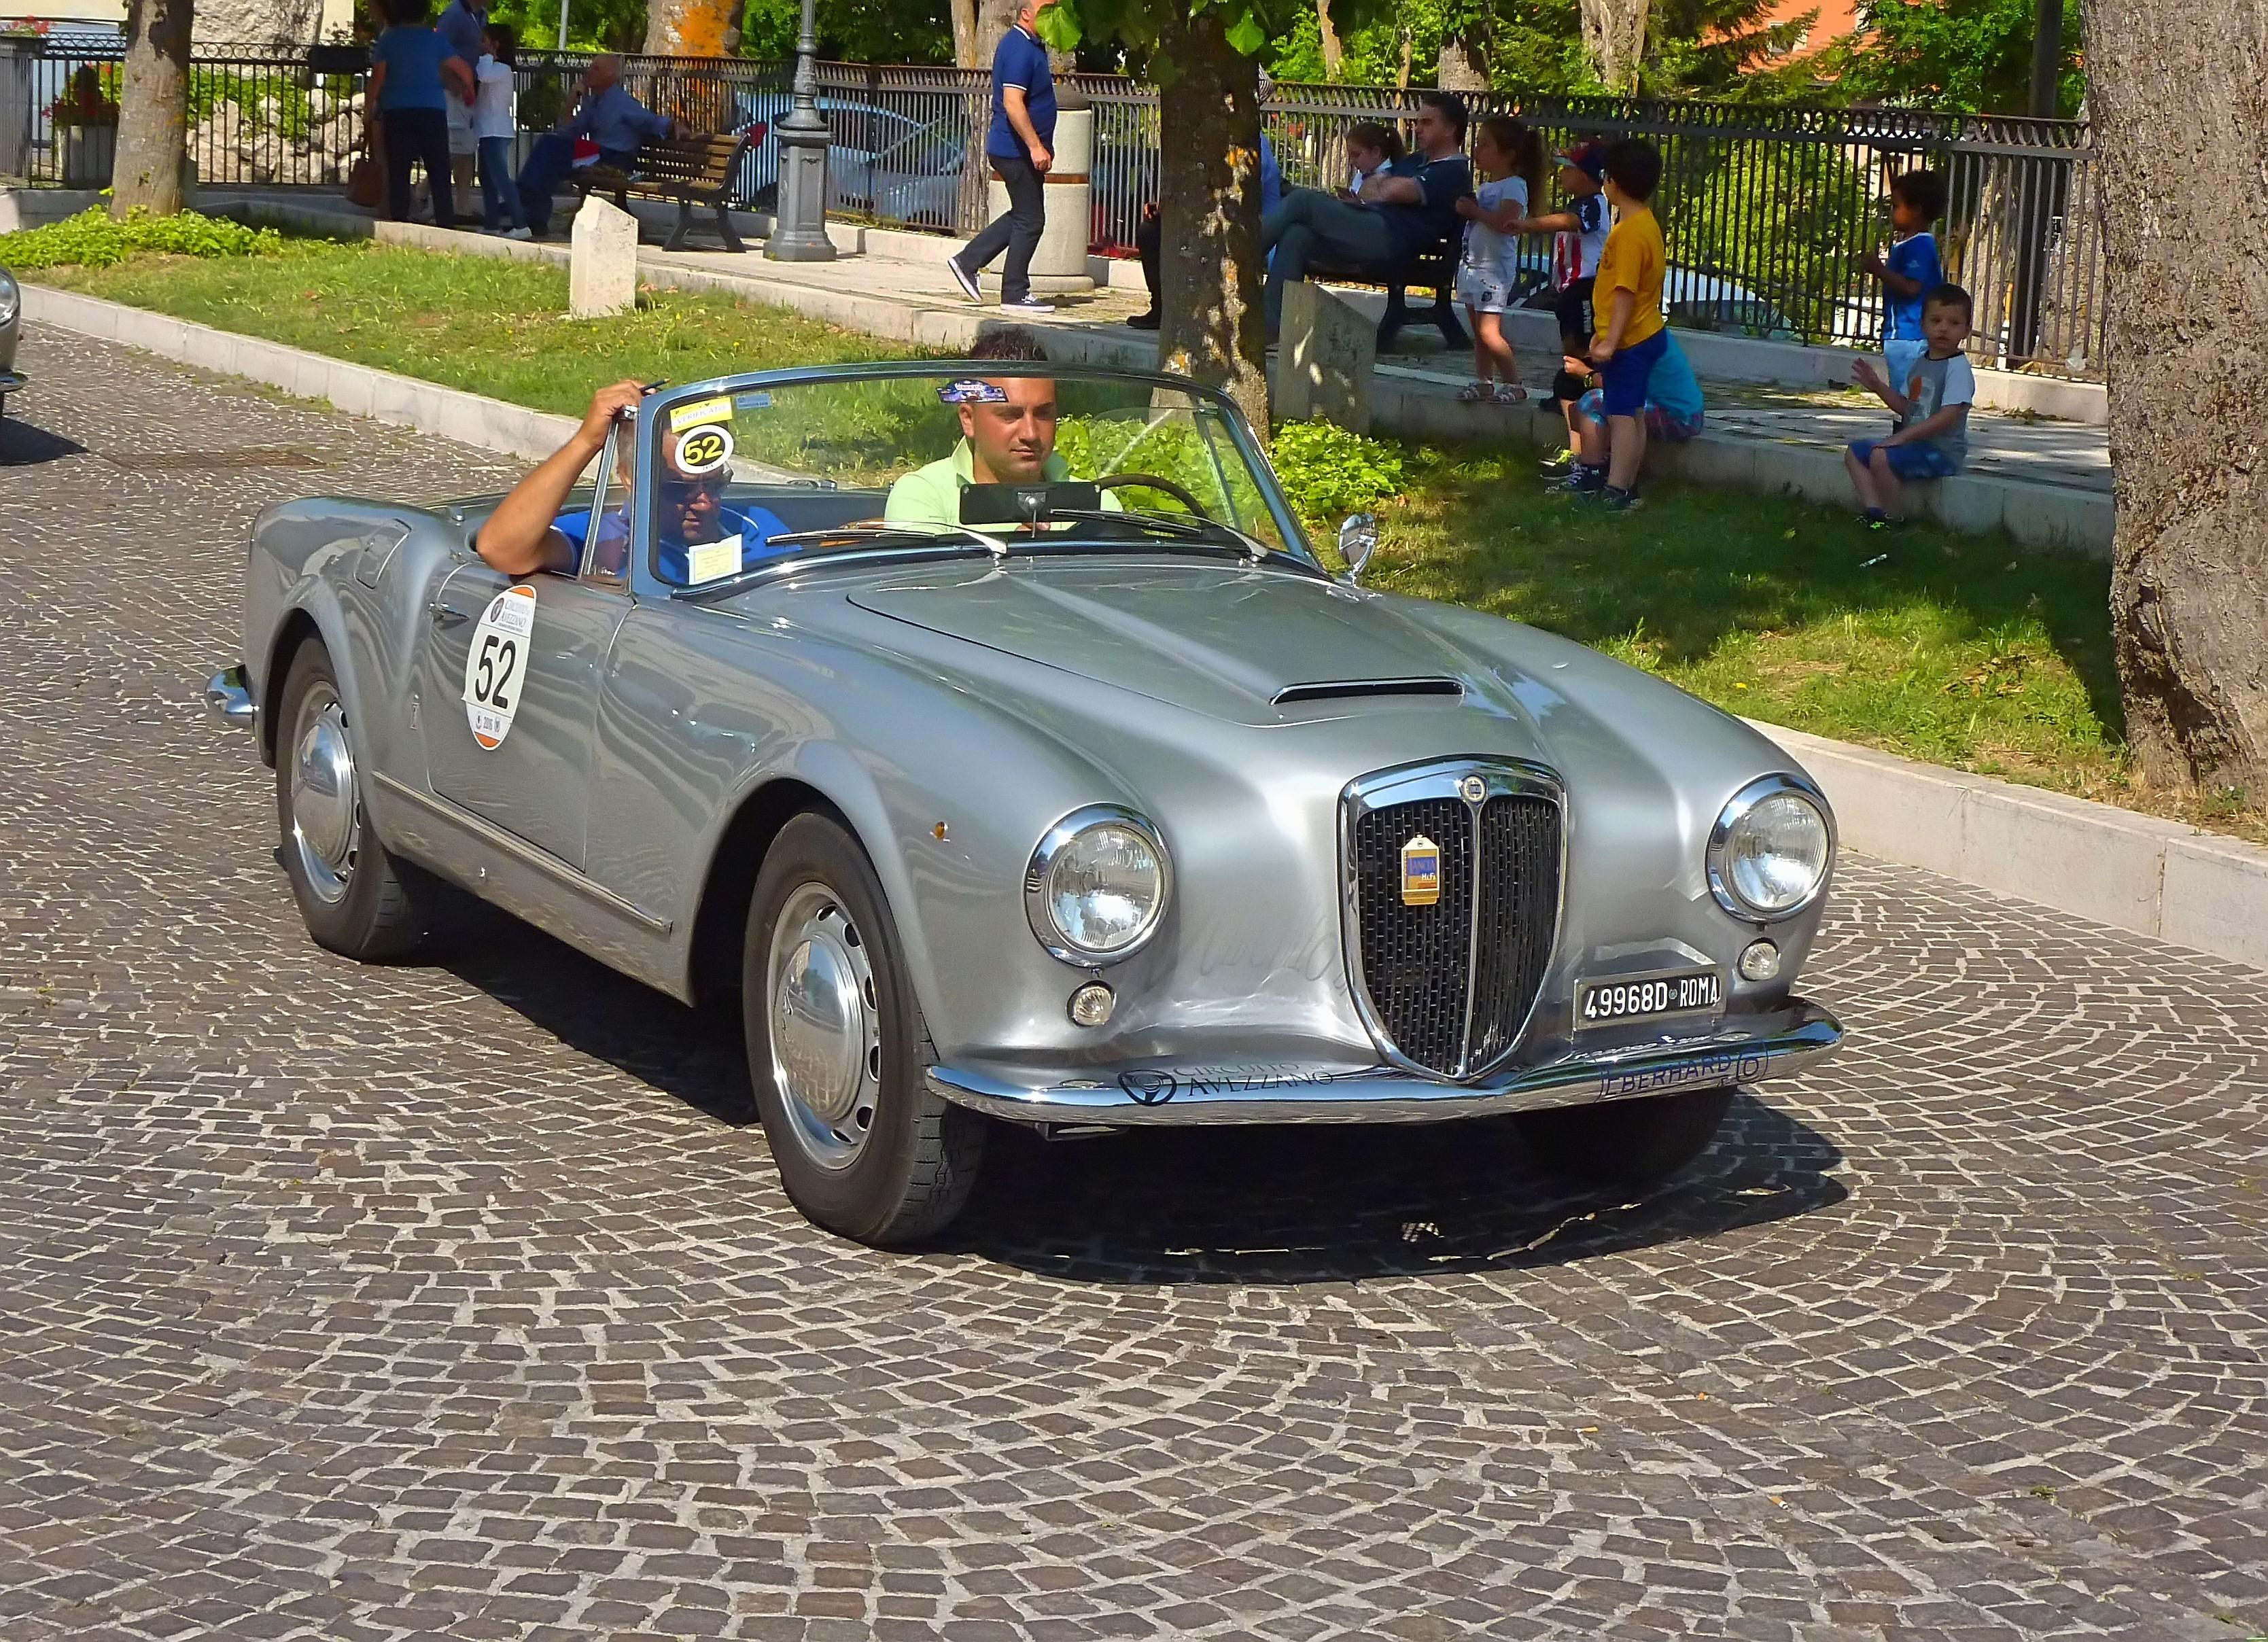 4th Circuito Di Avezzano (148)